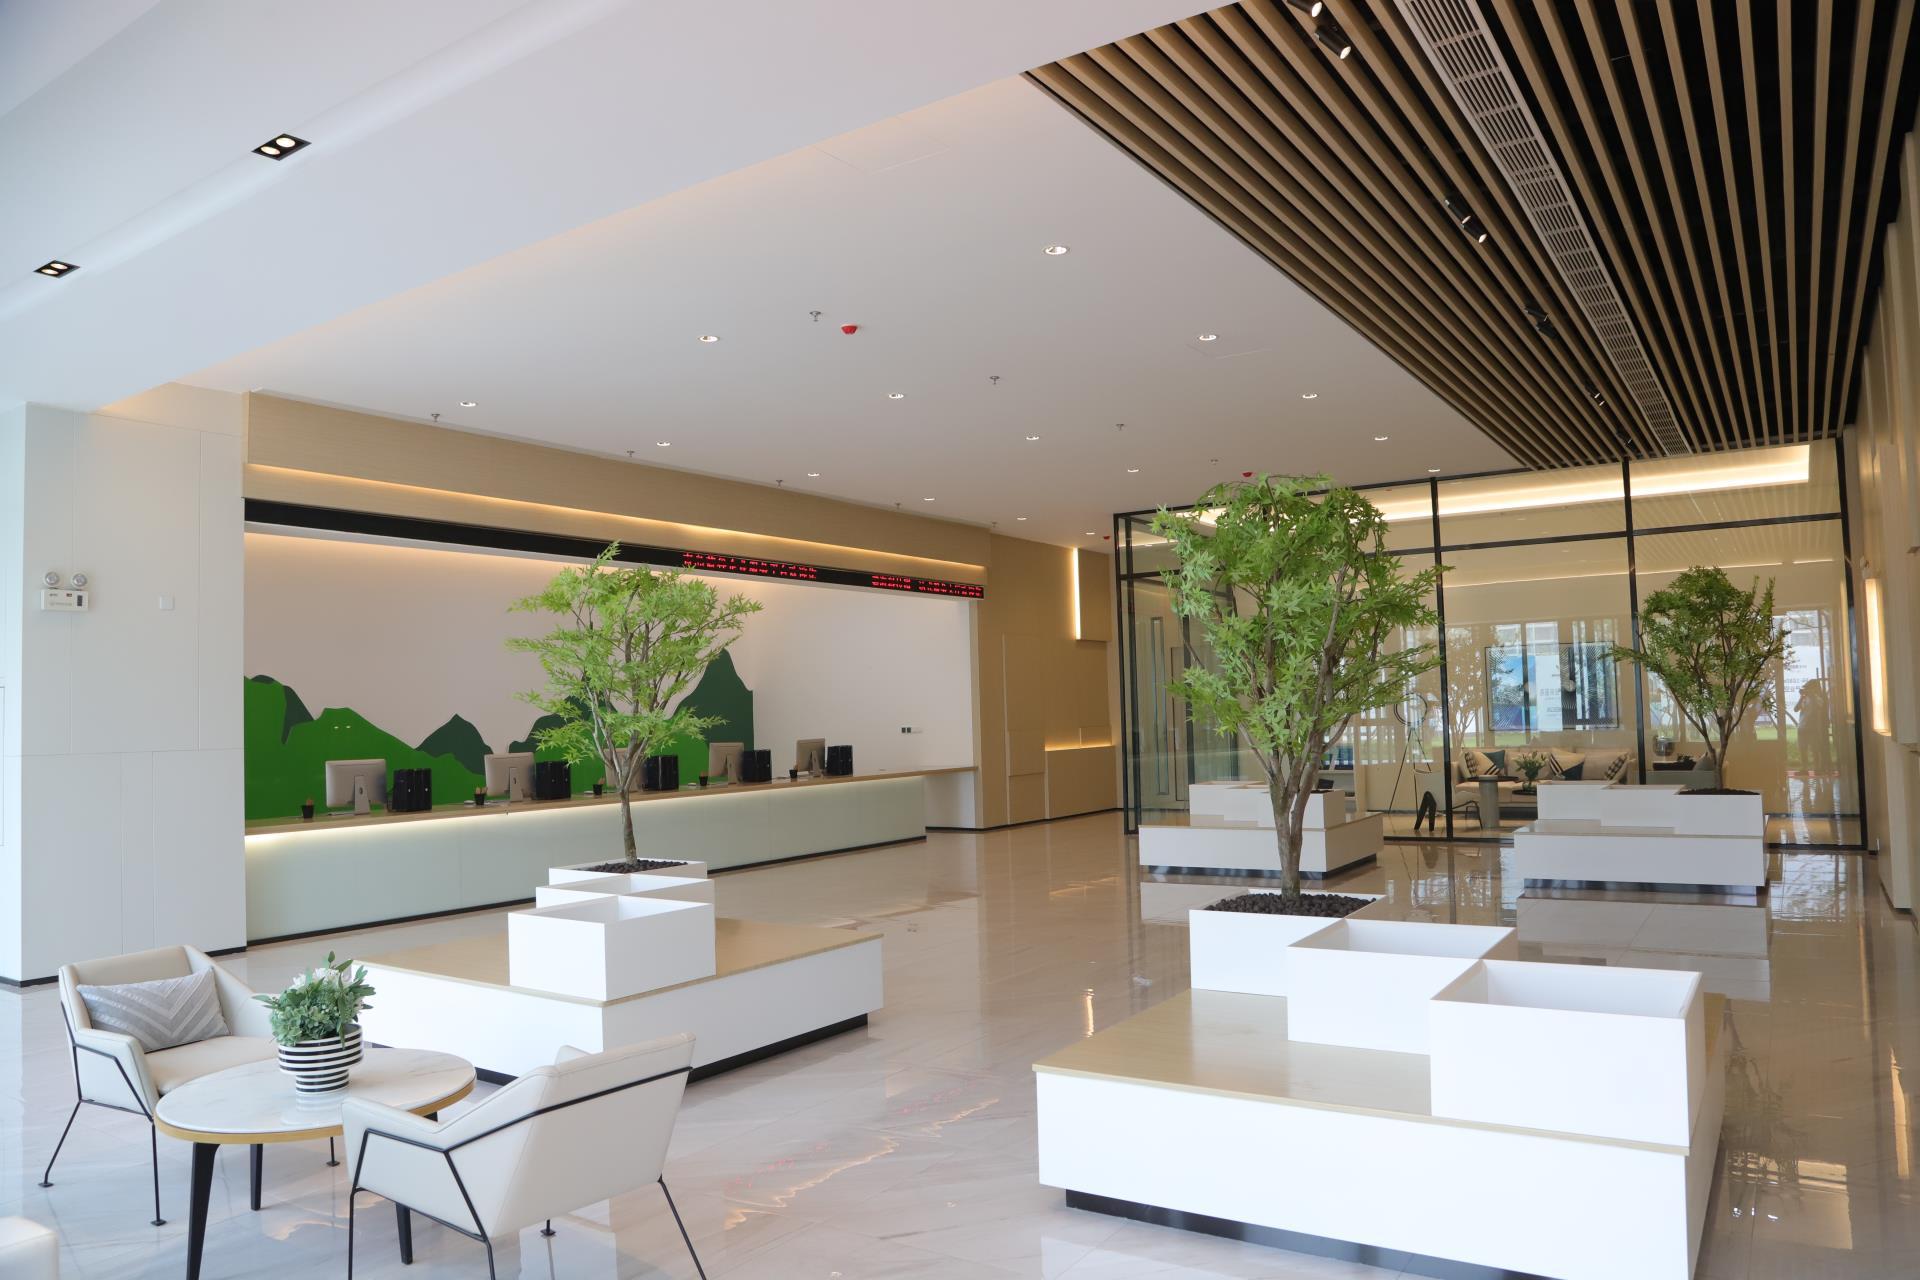 青岛碧海科技园出售写字楼、独栋研发等产品,面积区域段66-1080平方不等。